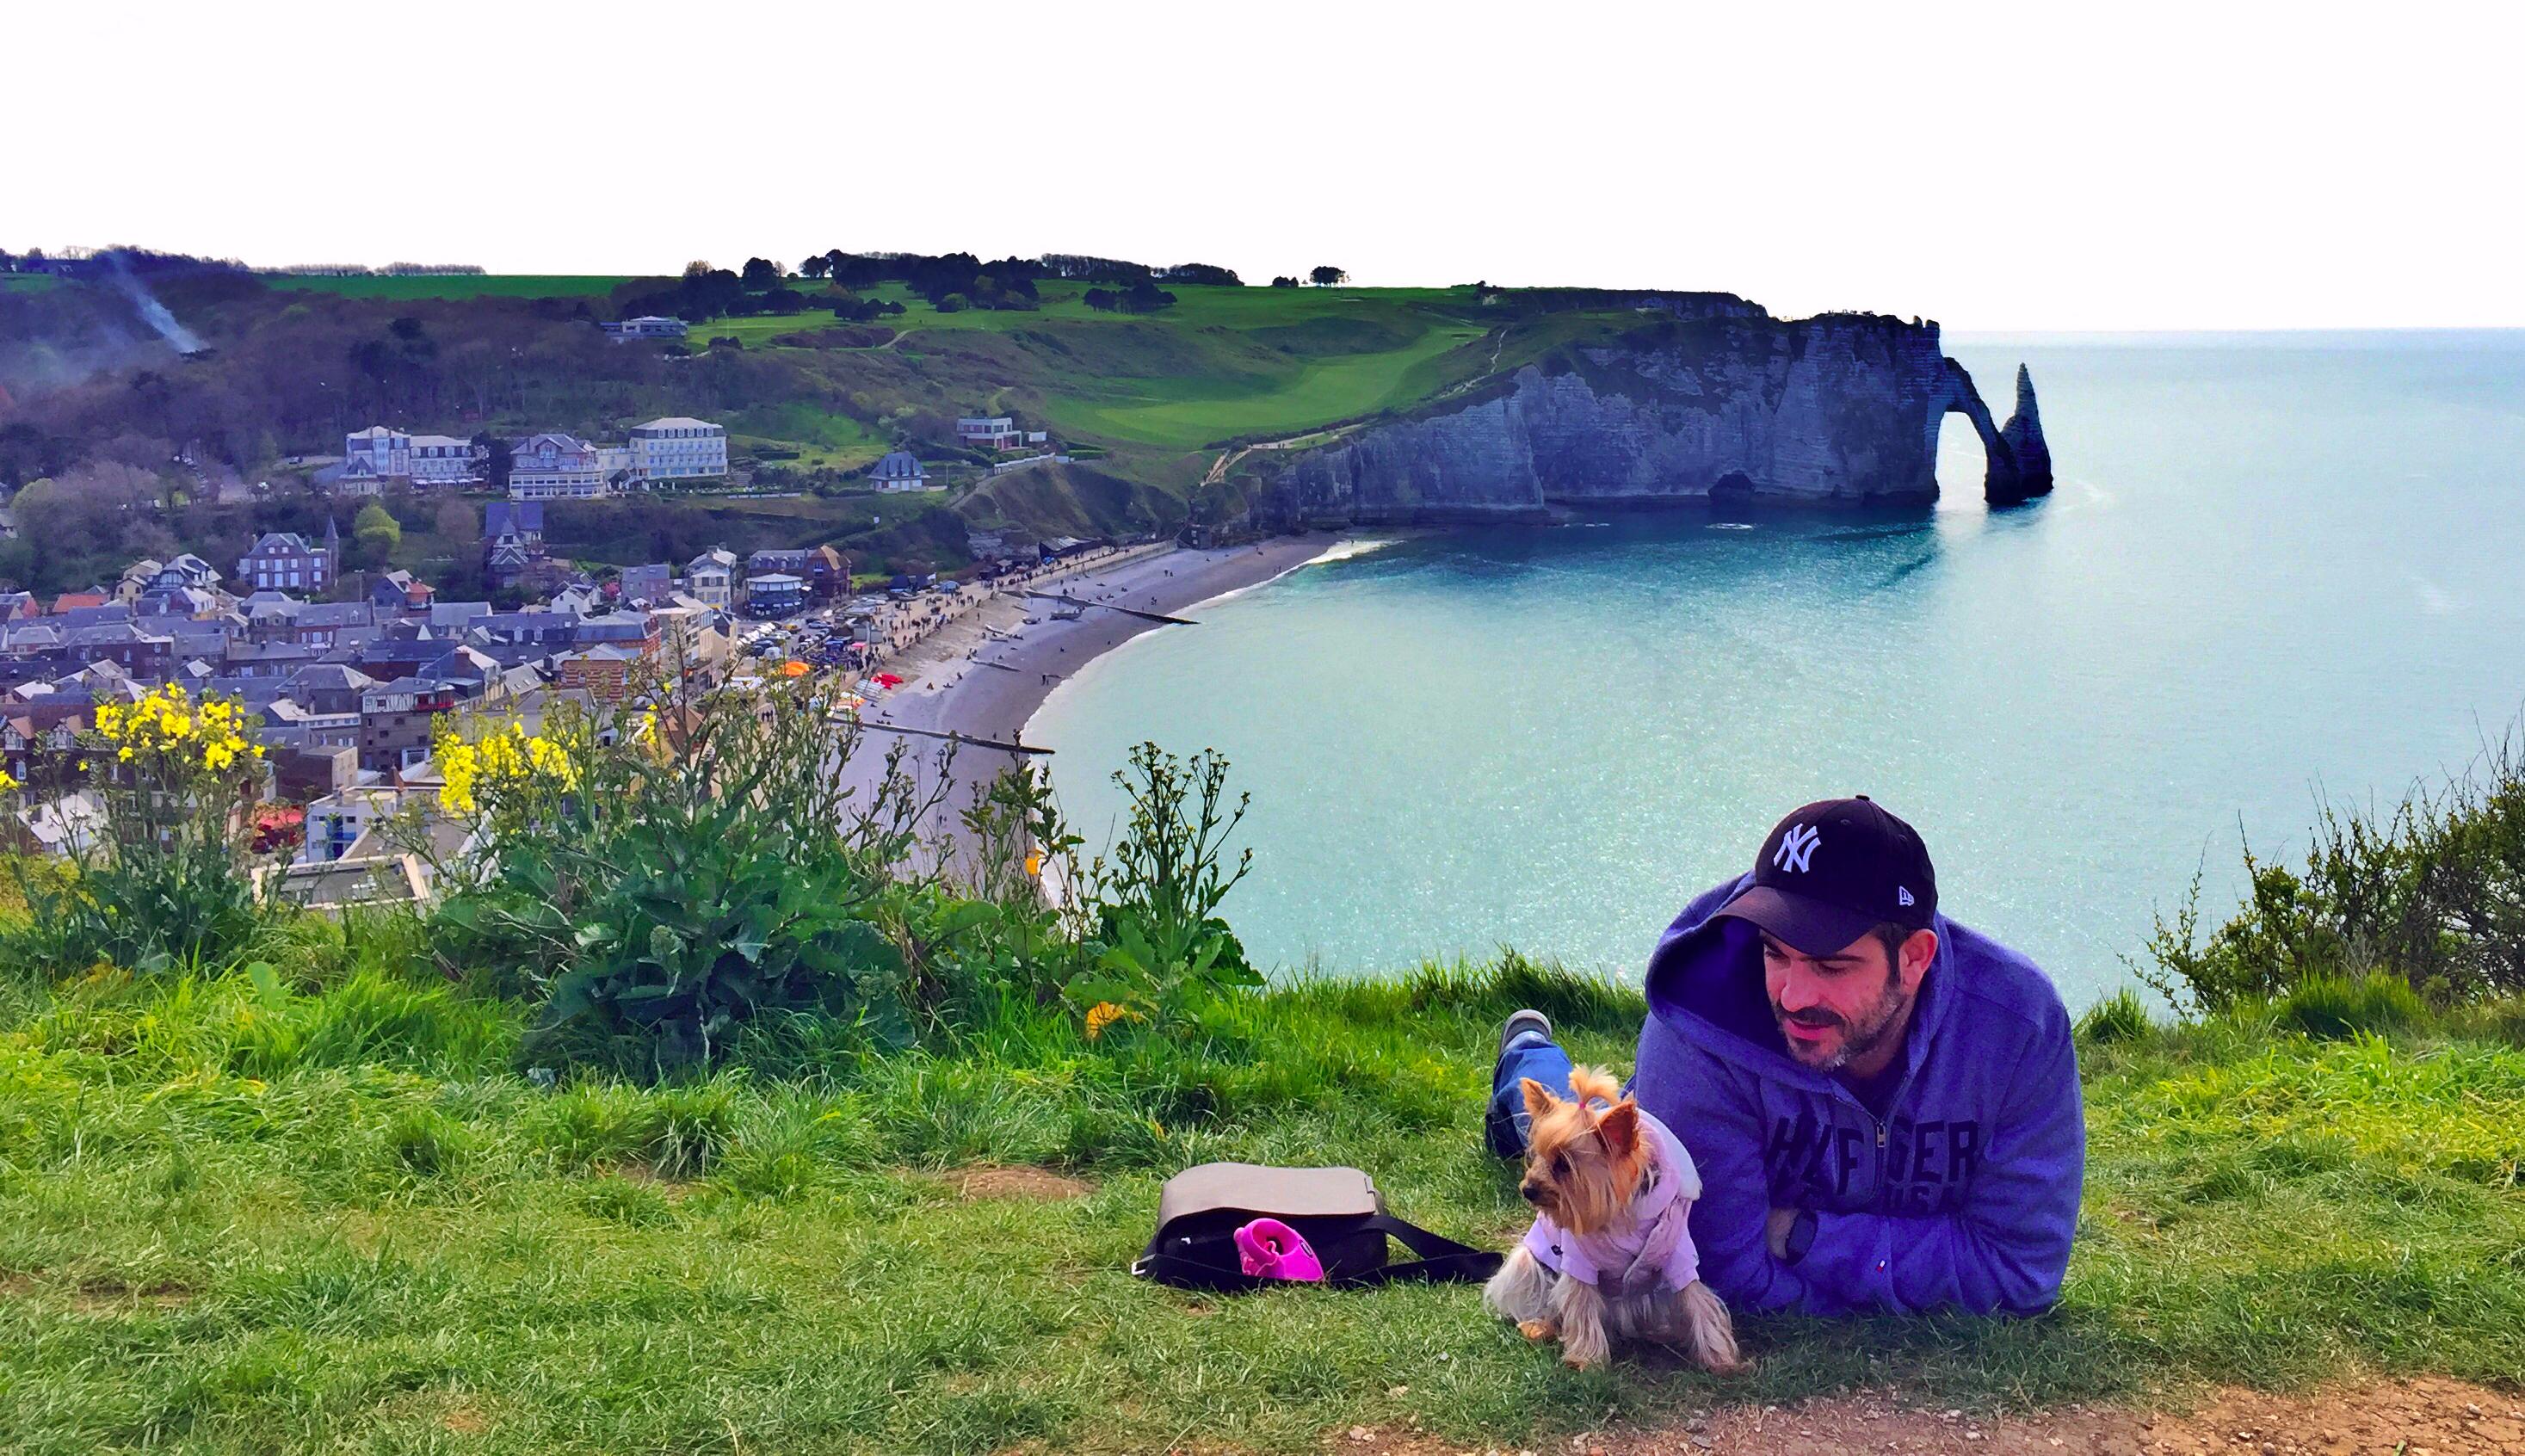 Playas del Desembarco de Normandía, Francia desembarco de normandía - 39169778814 c26e2fe298 o - Viaje a las Playas del Desembarco de Normandía